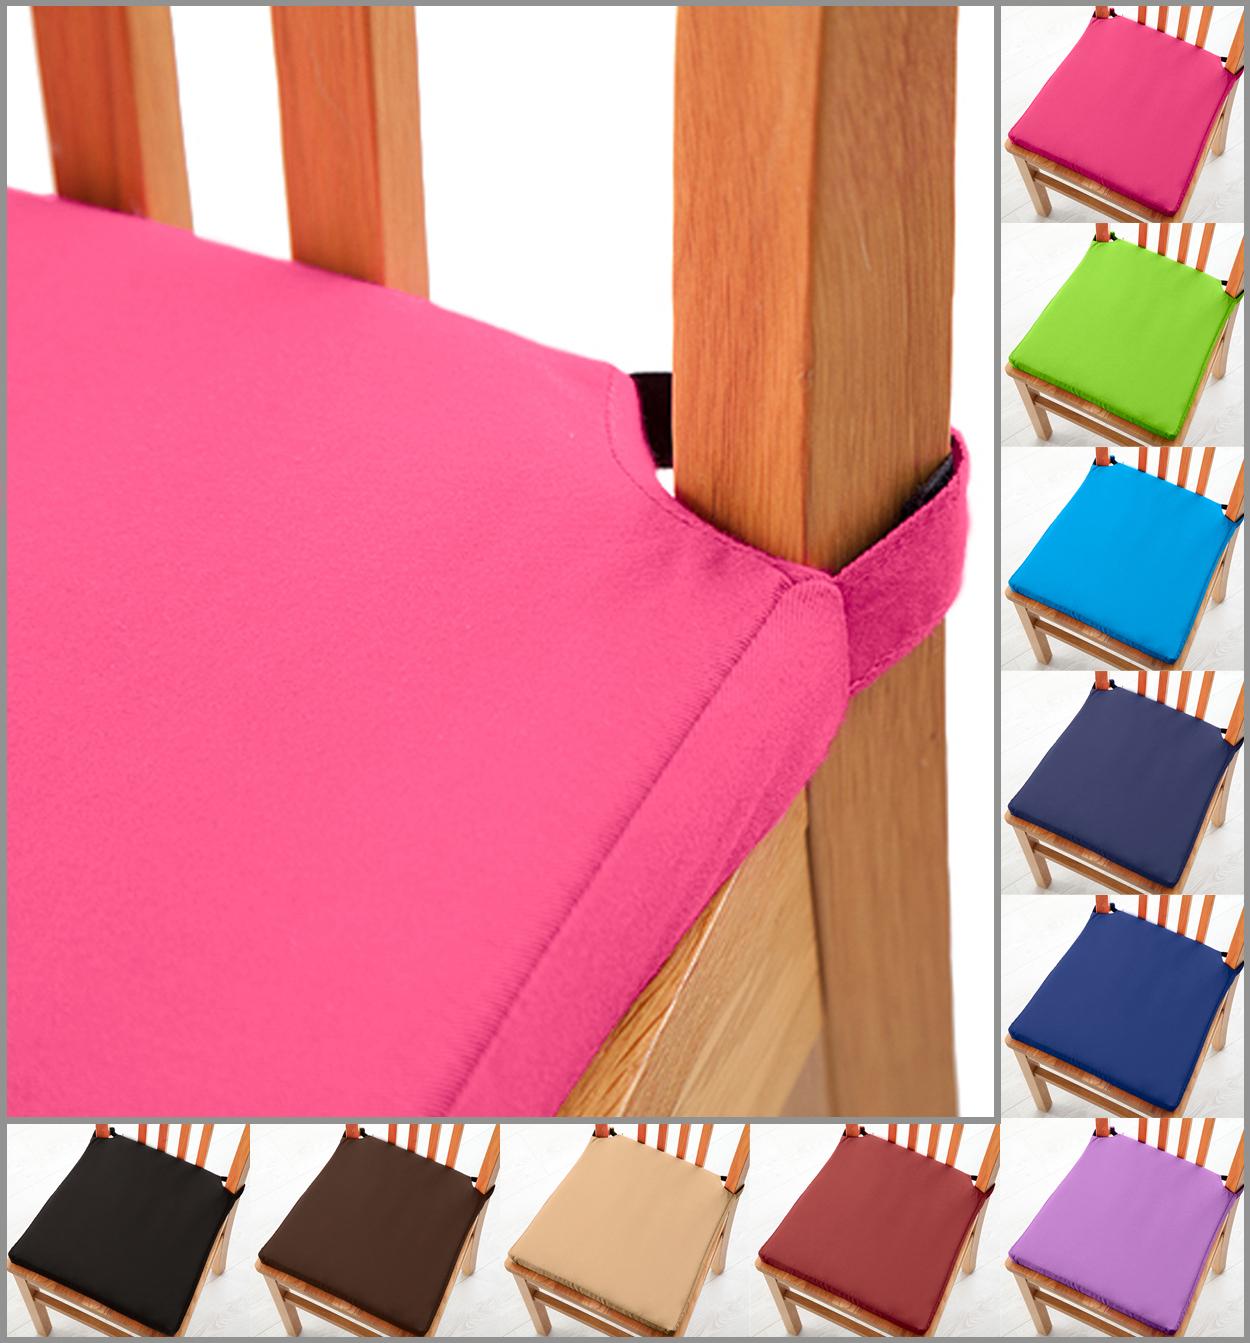 Sitzpolster Kissen mit Klettverschluss Essküche Stühle Weich ...